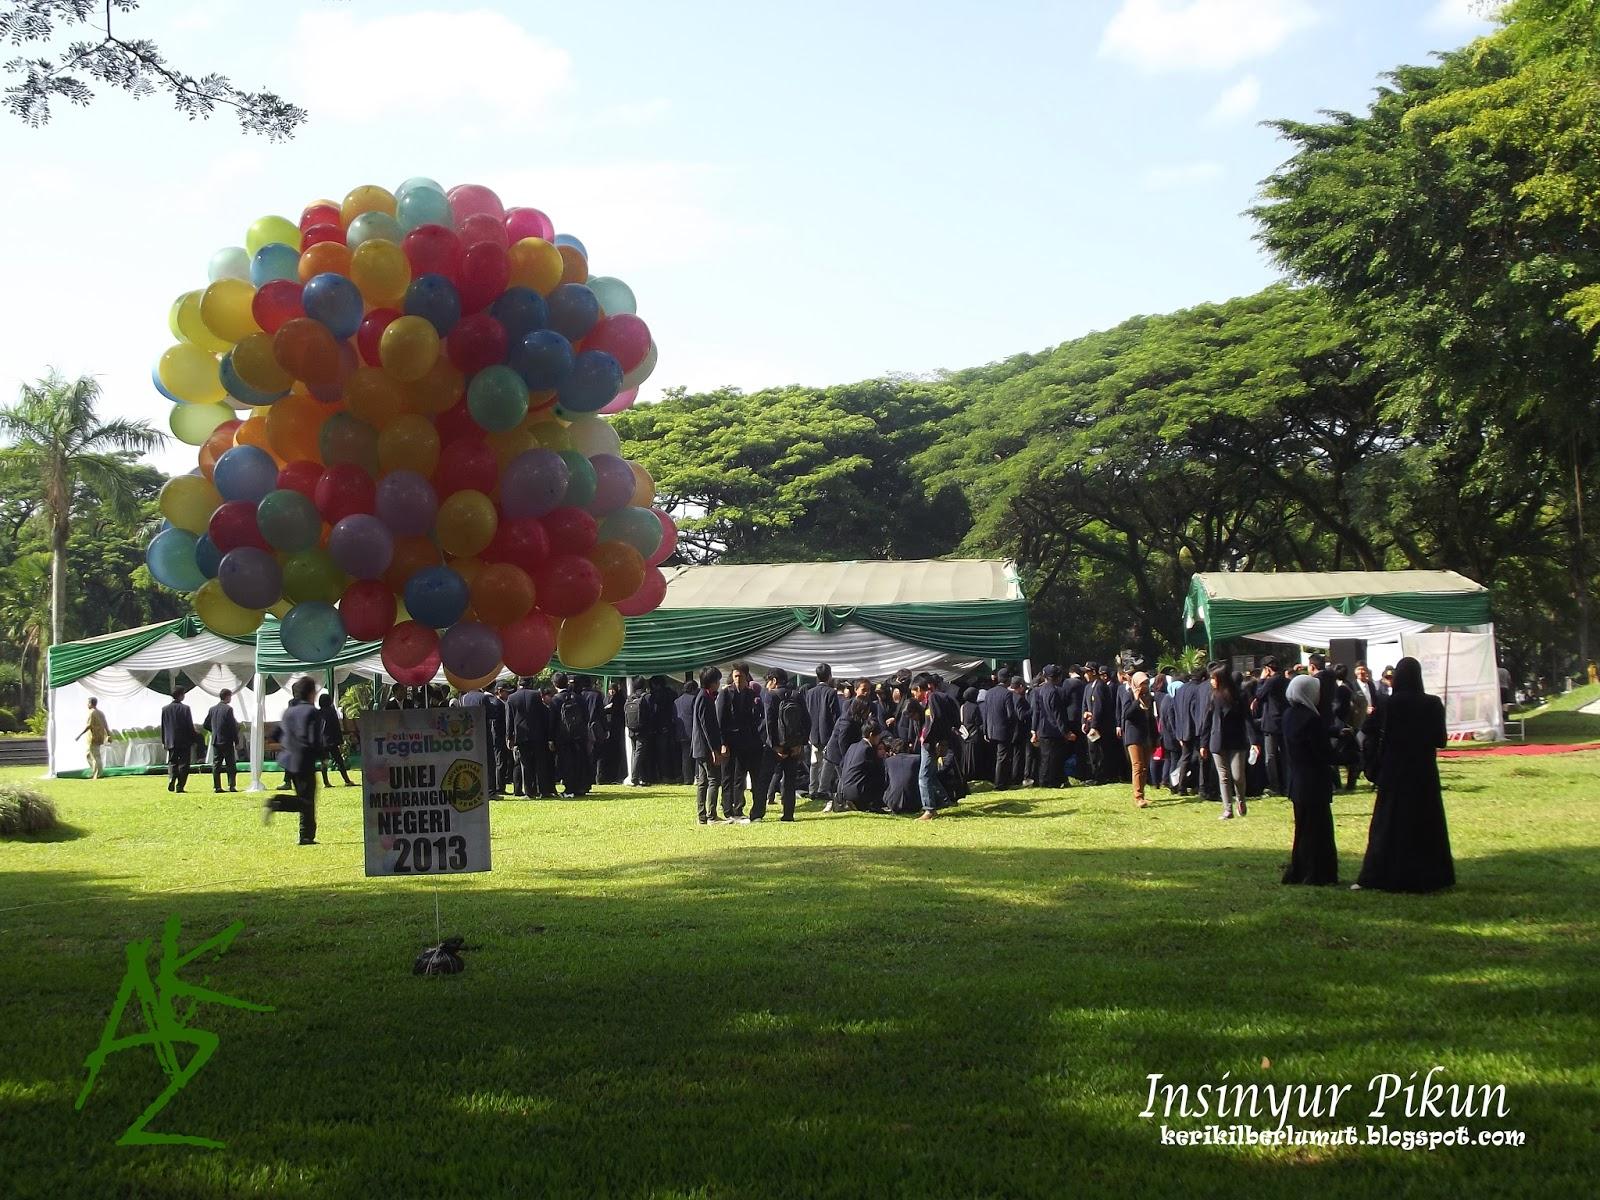 Festival Tegal Boto 2013 Universitas Jember - Hari Pertama